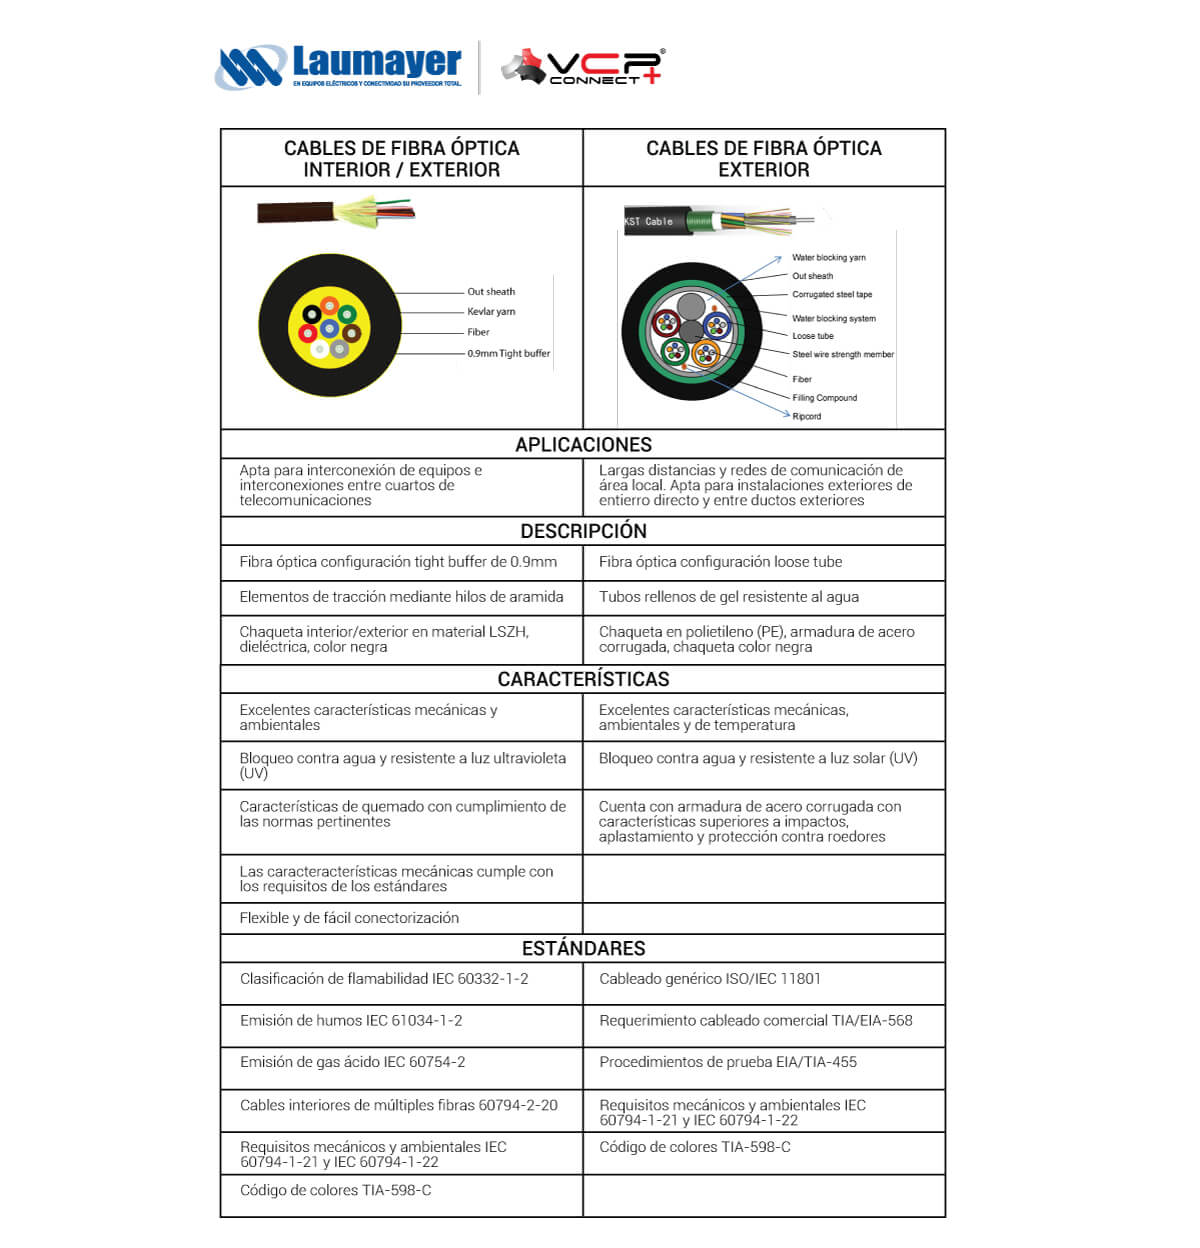 fibra-optica-vcp-connect-+-nuevo-portafolio-2